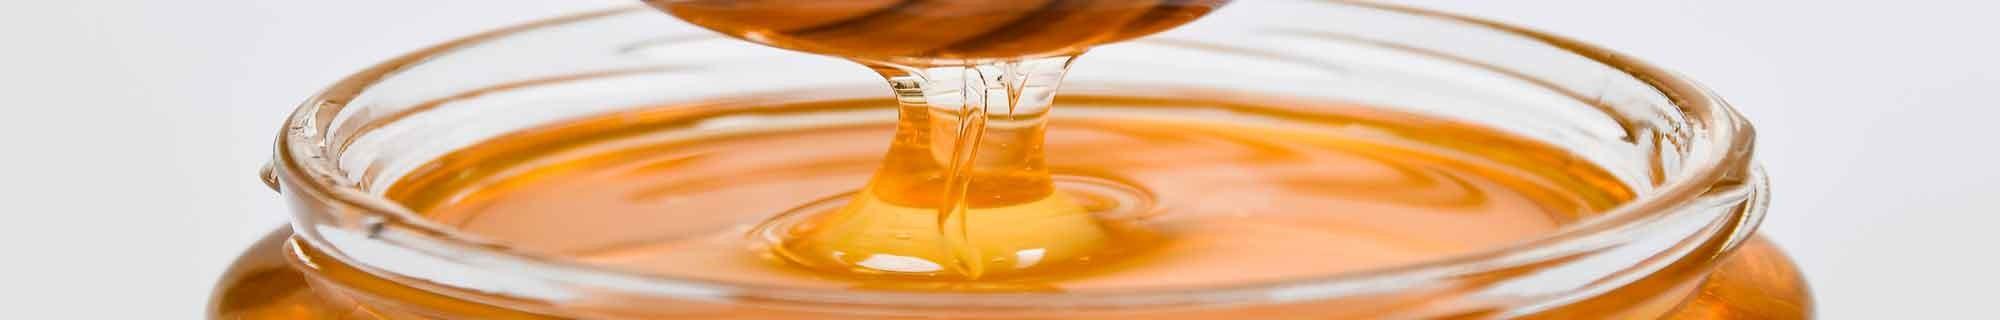 Miele Siciliano di Timo e Millefiori, Naturale e Puro | Vendita Online